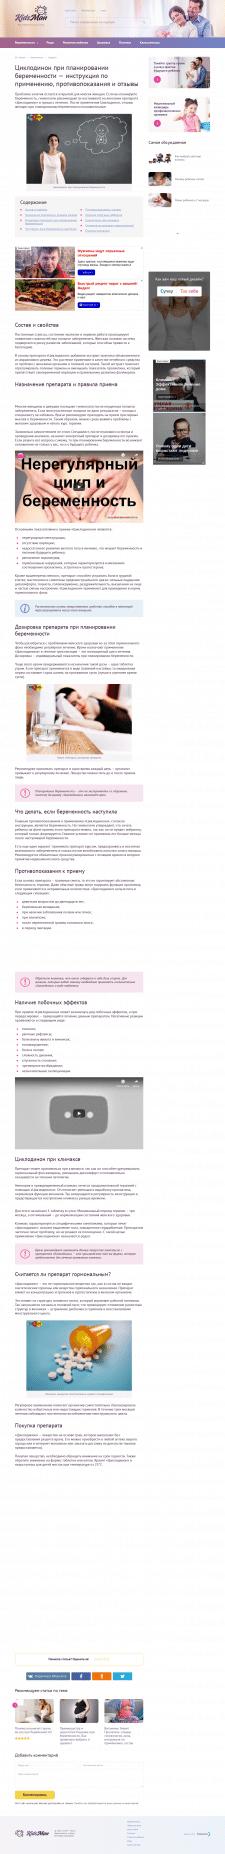 """Медицинская статья """"Циклодинон"""""""